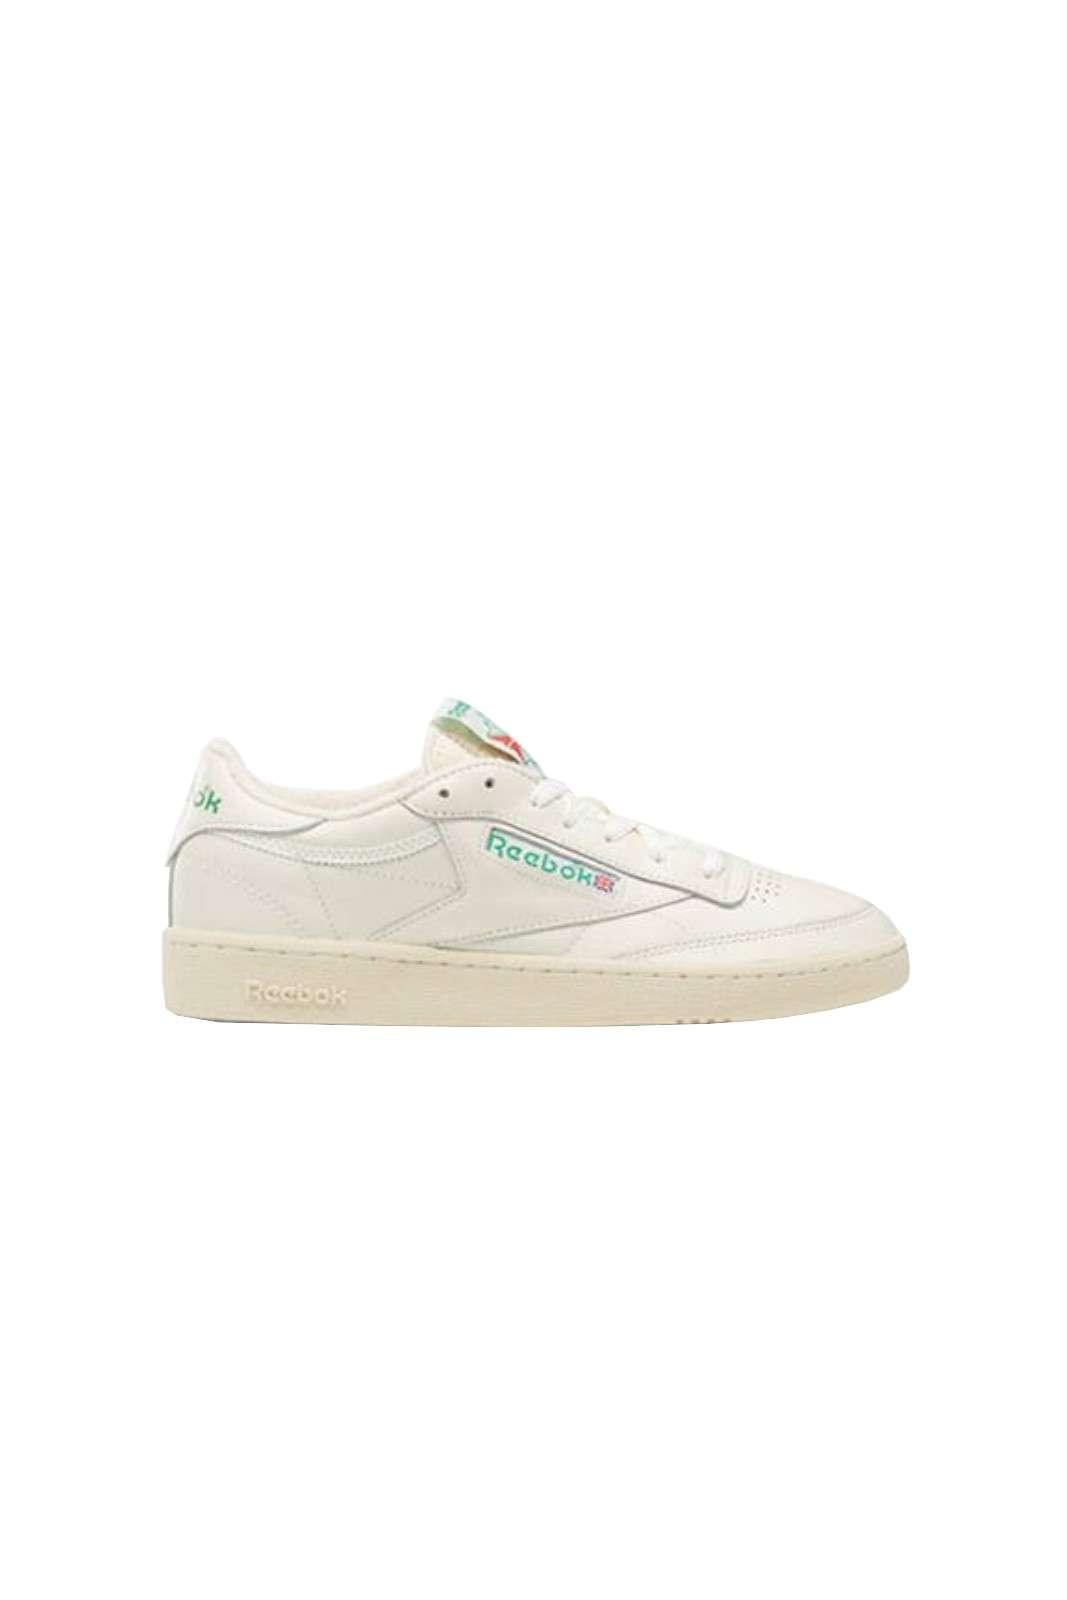 Una sneaker unisex quella firmata Reebok. Queste scarpe sono caratterizzate da uno stile basato sulla semplicità. Abbinate ad un look estivo sono un must have.